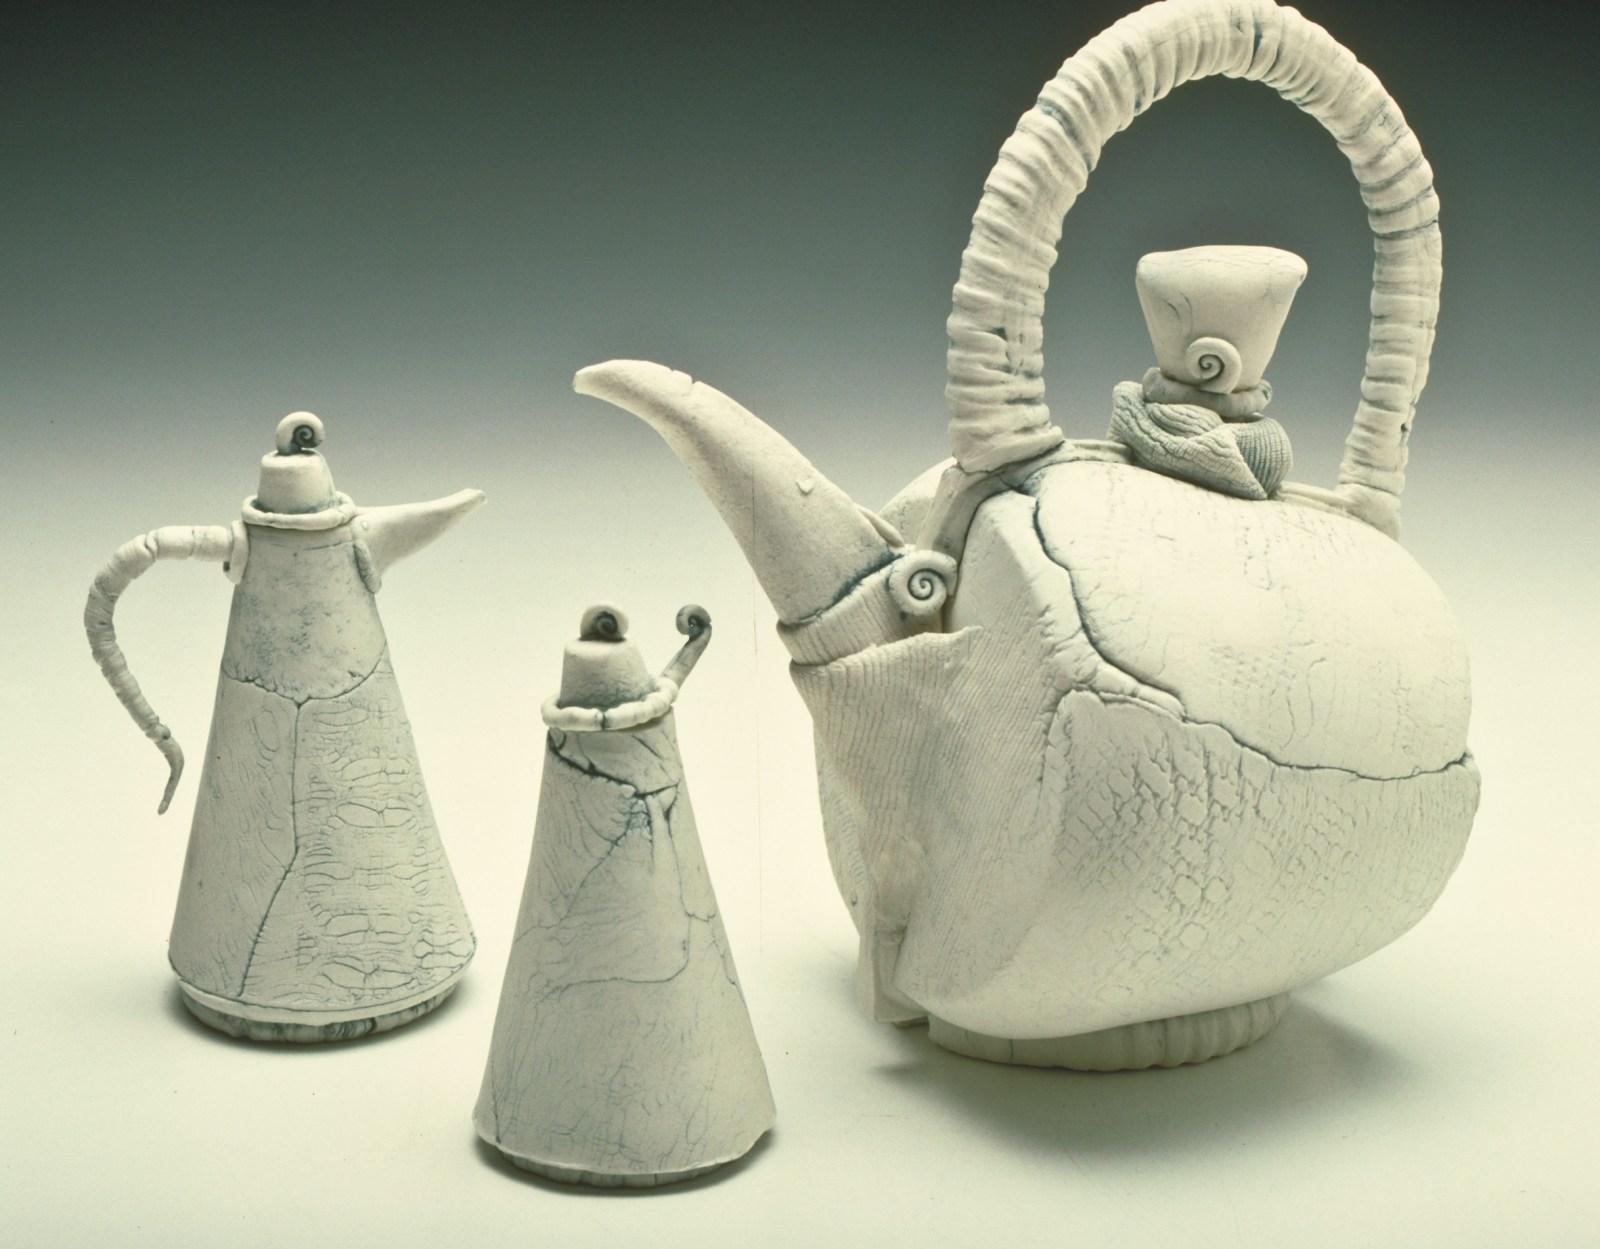 Helen-Shanks-ceramics-74